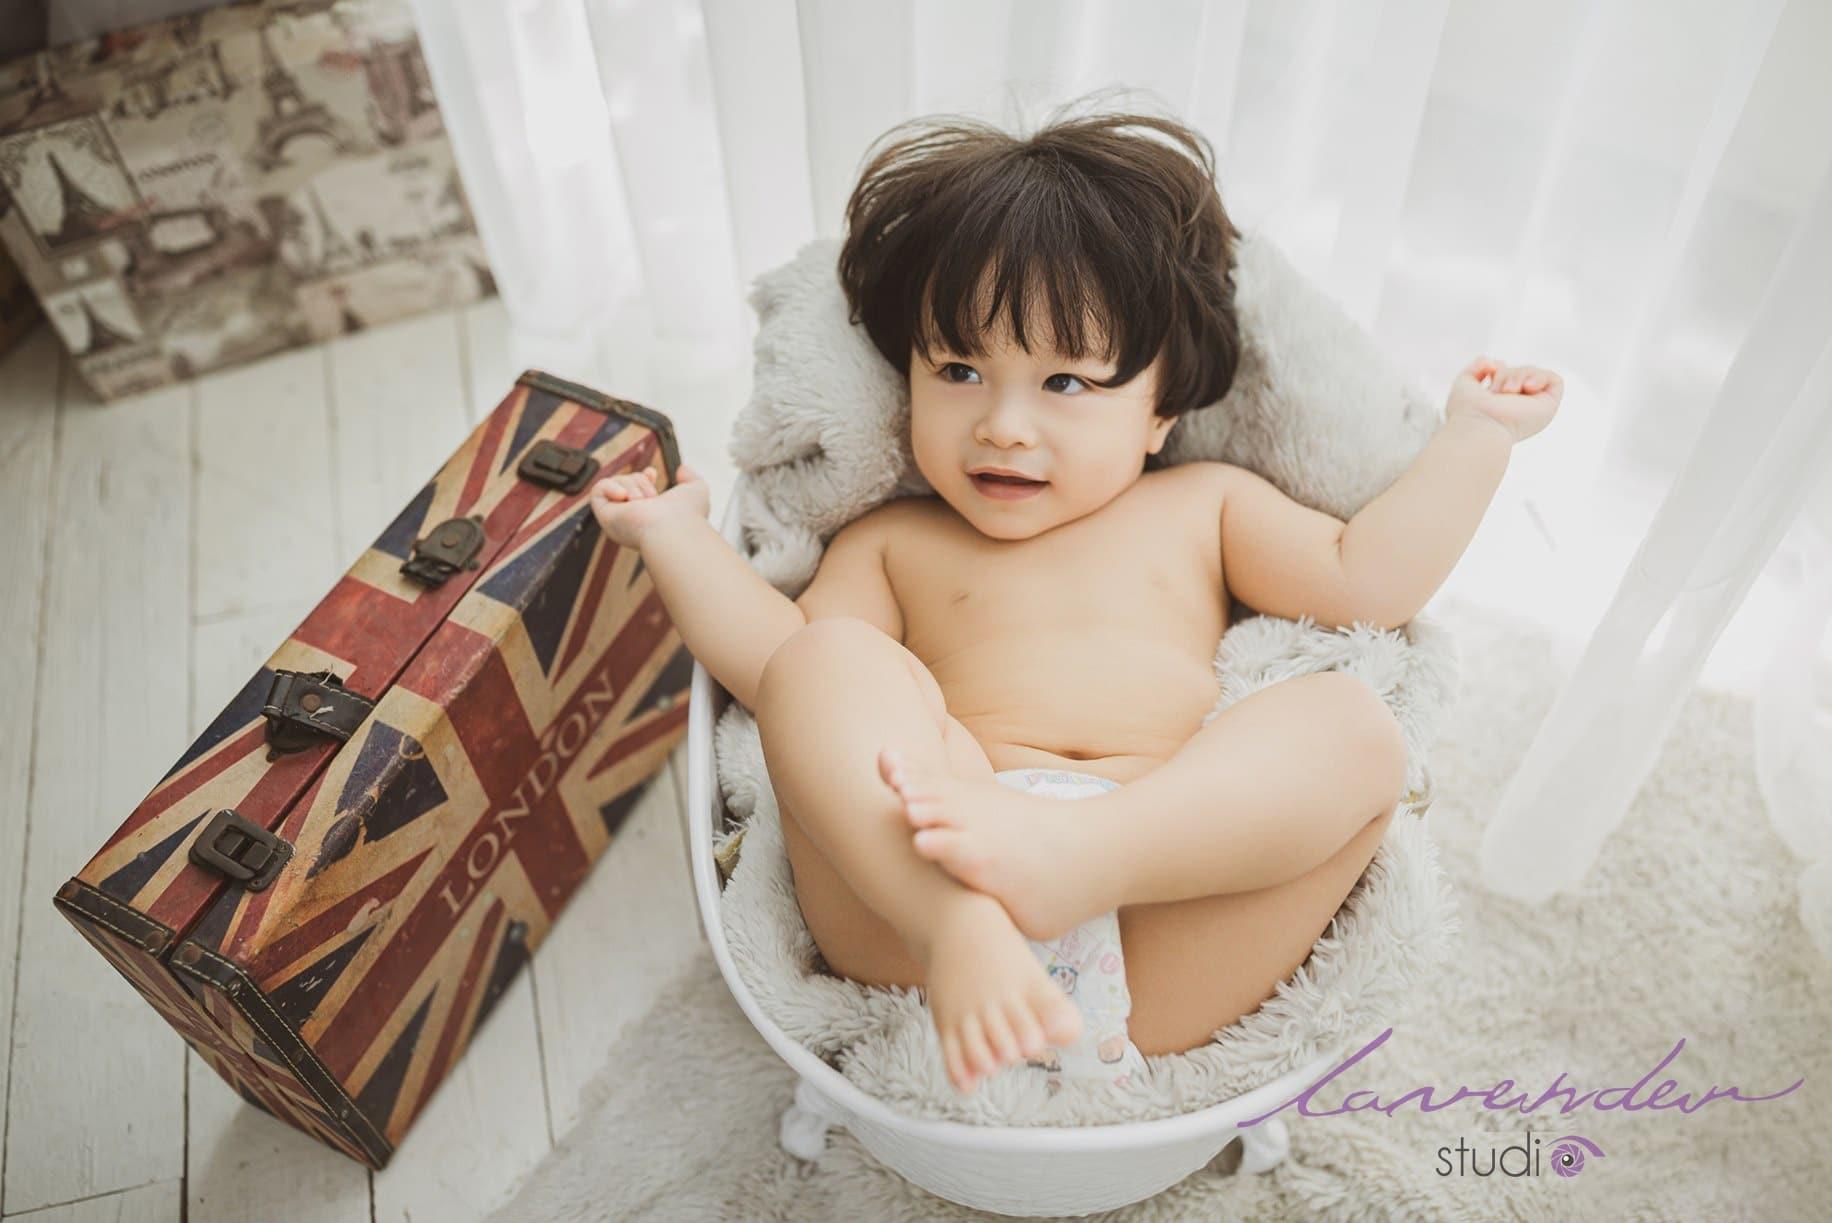 Xu hướng chụp hình cho bé trai 1 tuổi